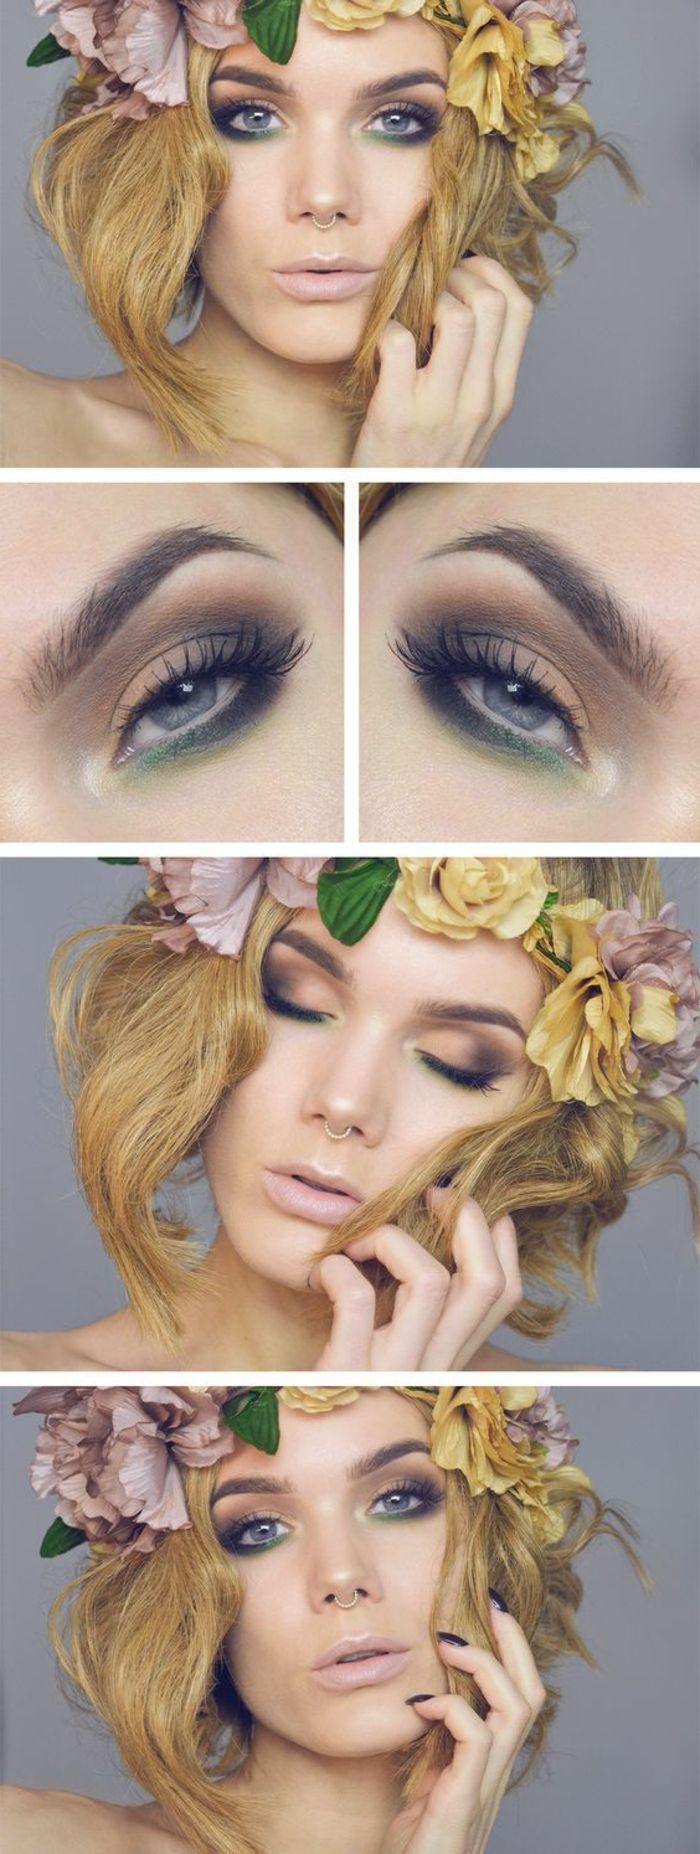 como-maquillarse-los-ojos-azules-maquillaje-verde-bajo-el-ojo-tonos-marrones